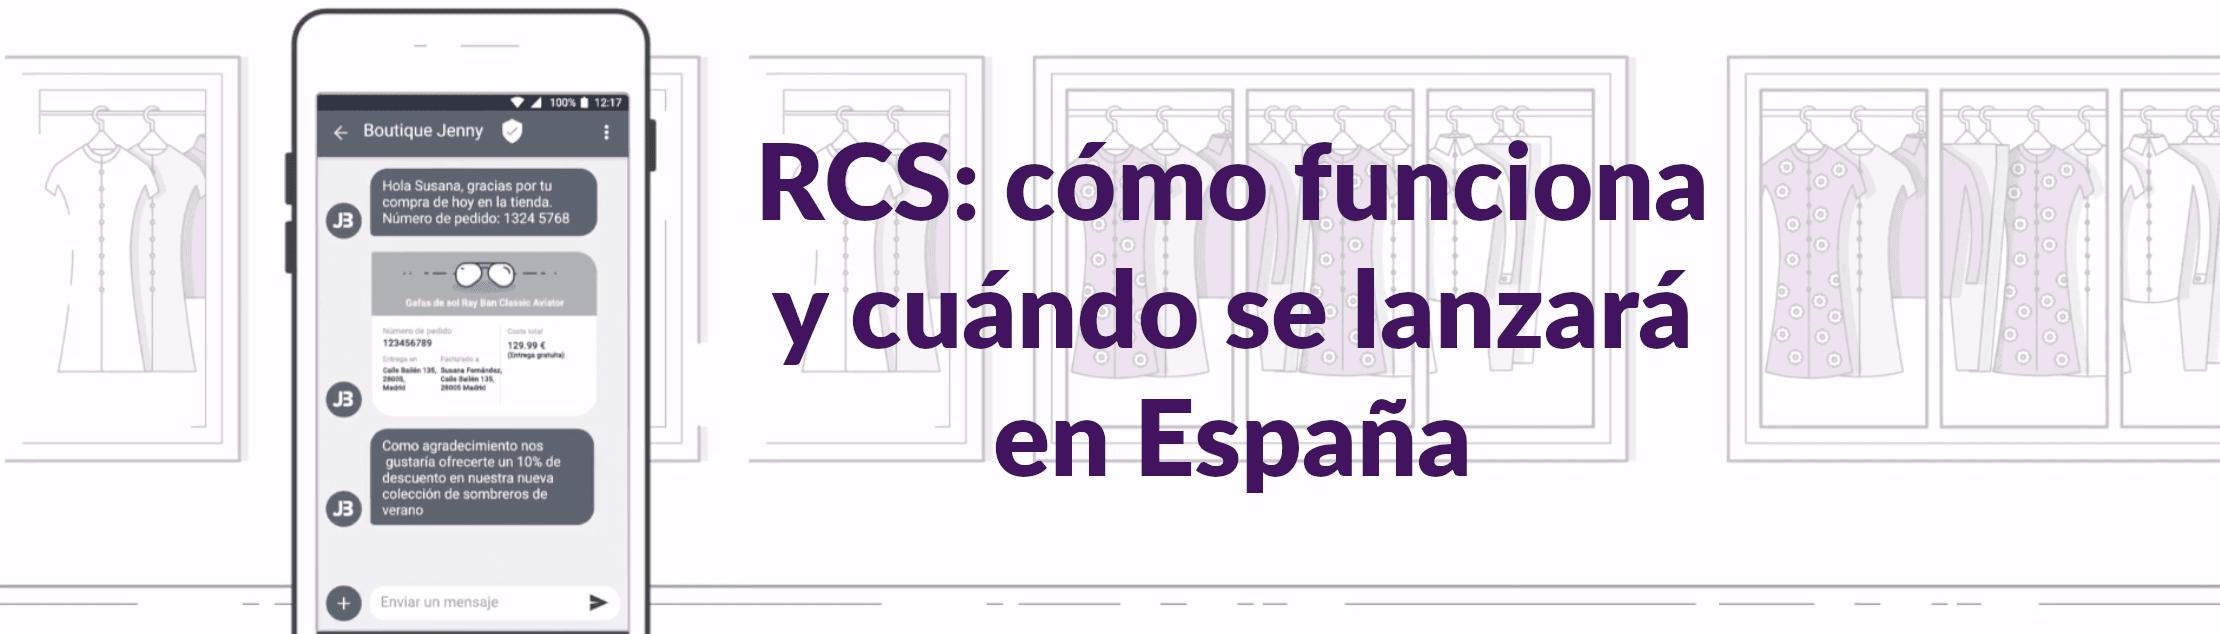 RCS: cómo funciona y cuándo se lanzará en España